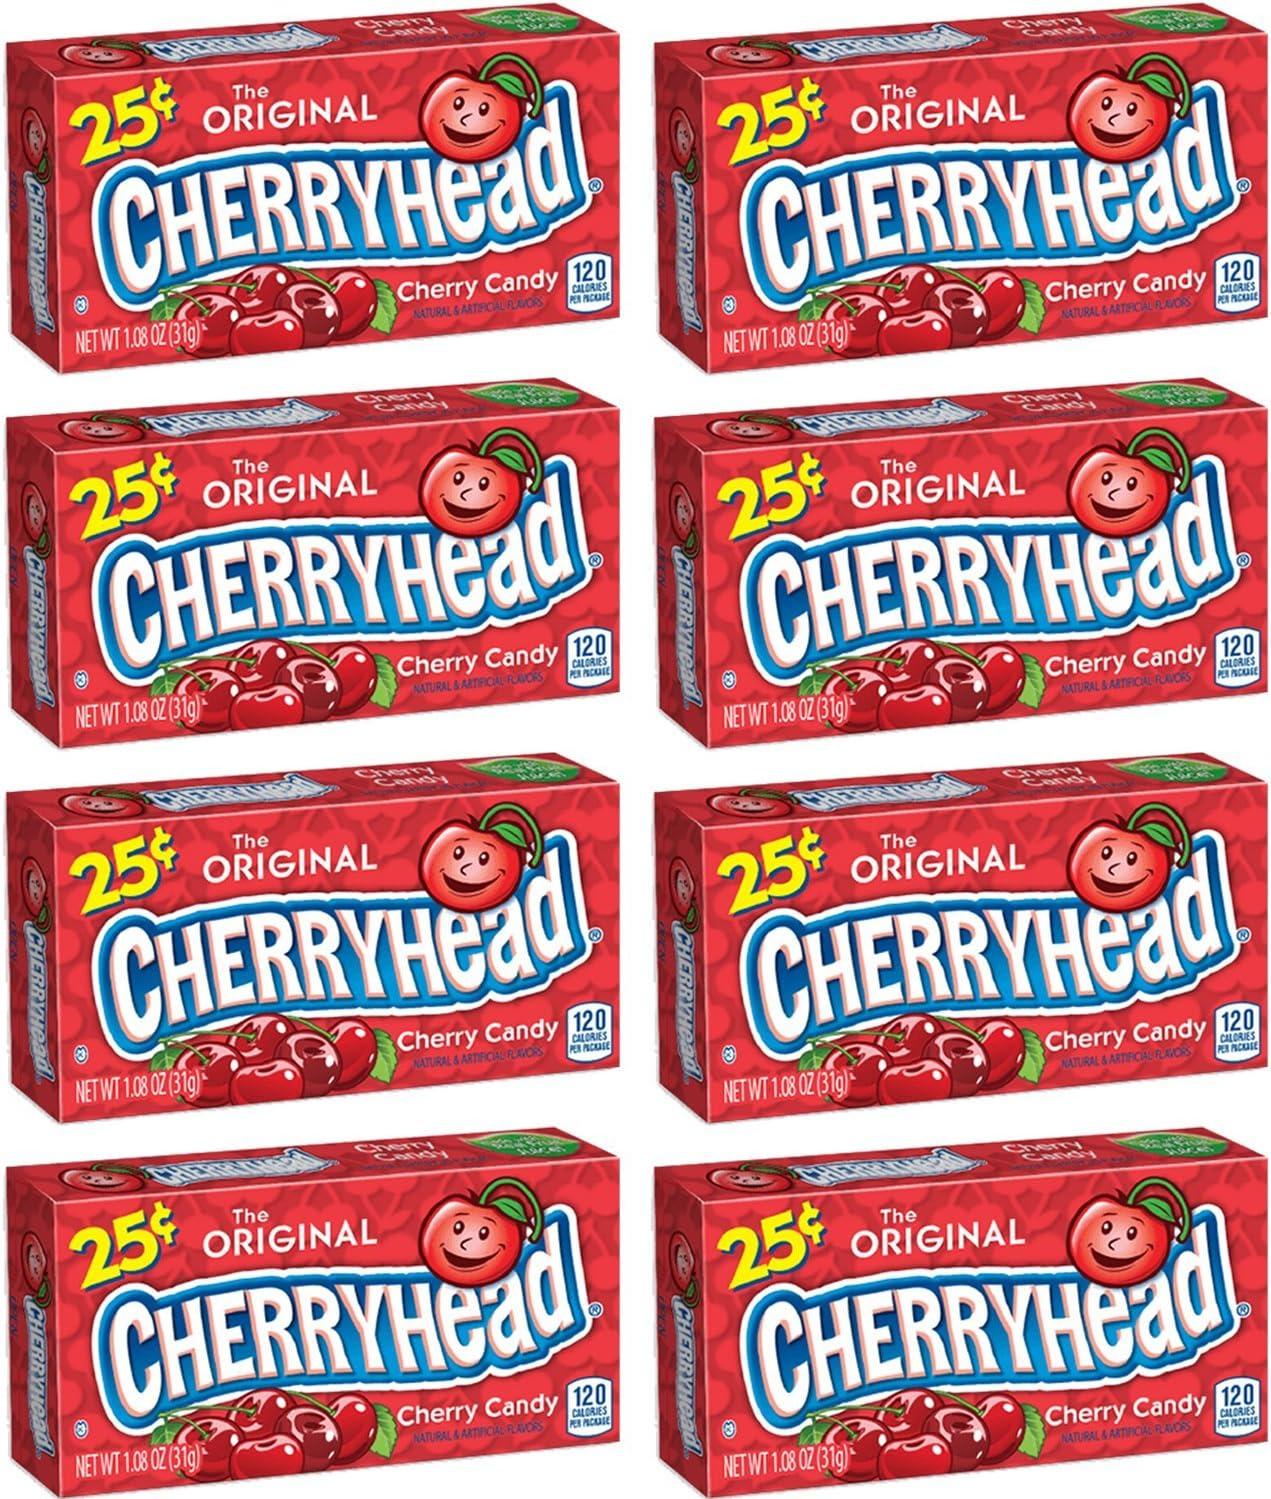 Ferrara Pan Cherryheads 1.08 Oz Each (Pack of 24): Amazon.es: Alimentación y bebidas